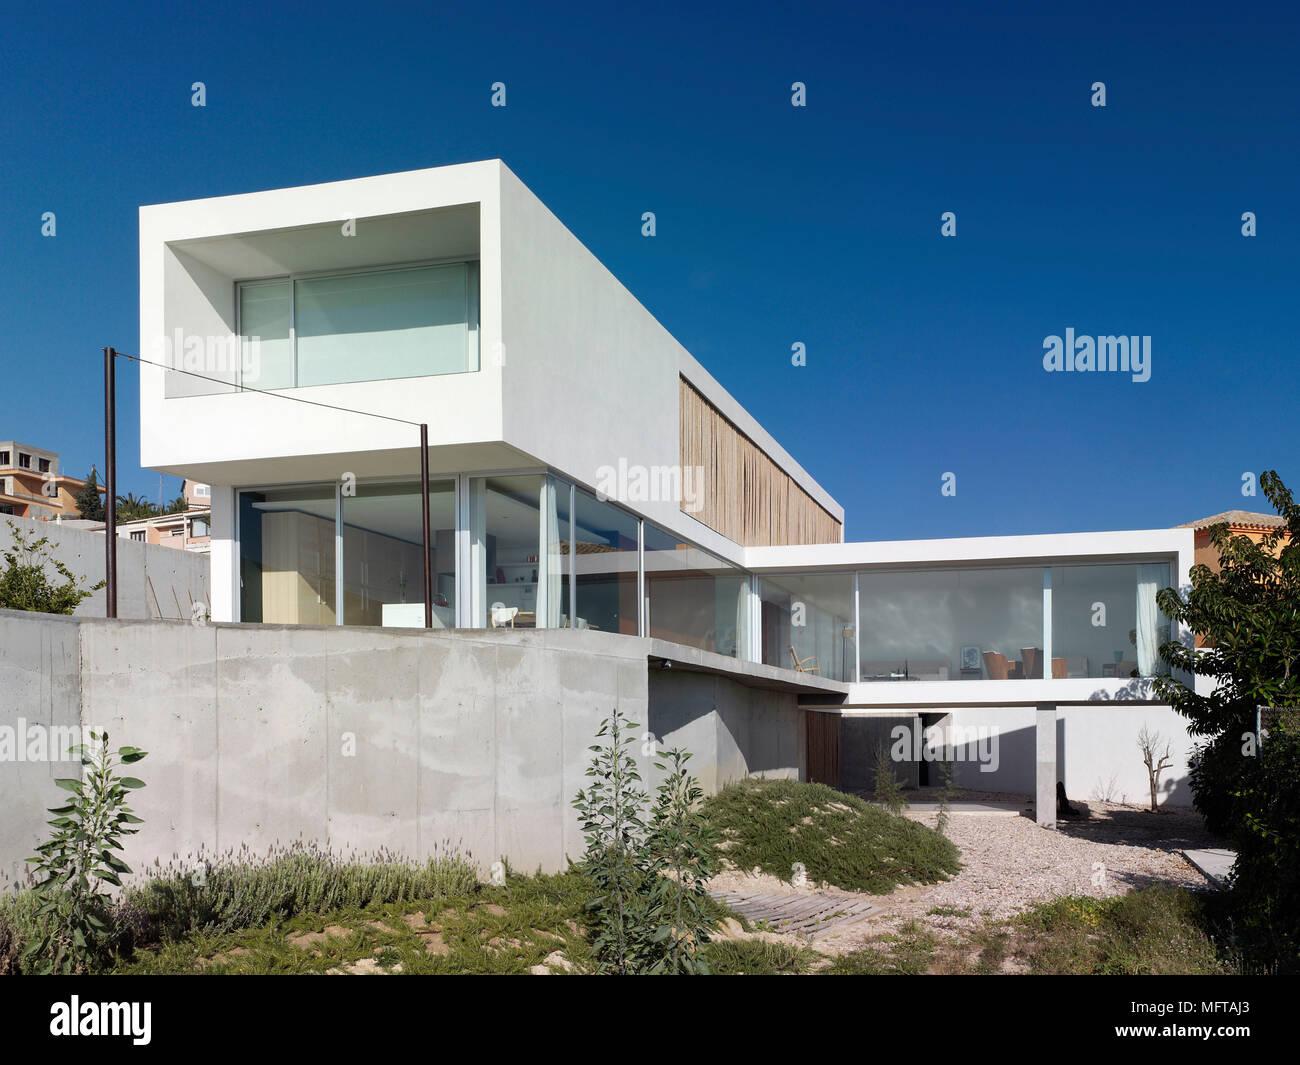 Esterno della casa moderna impostato su diversi livelli for Esterno casa moderna